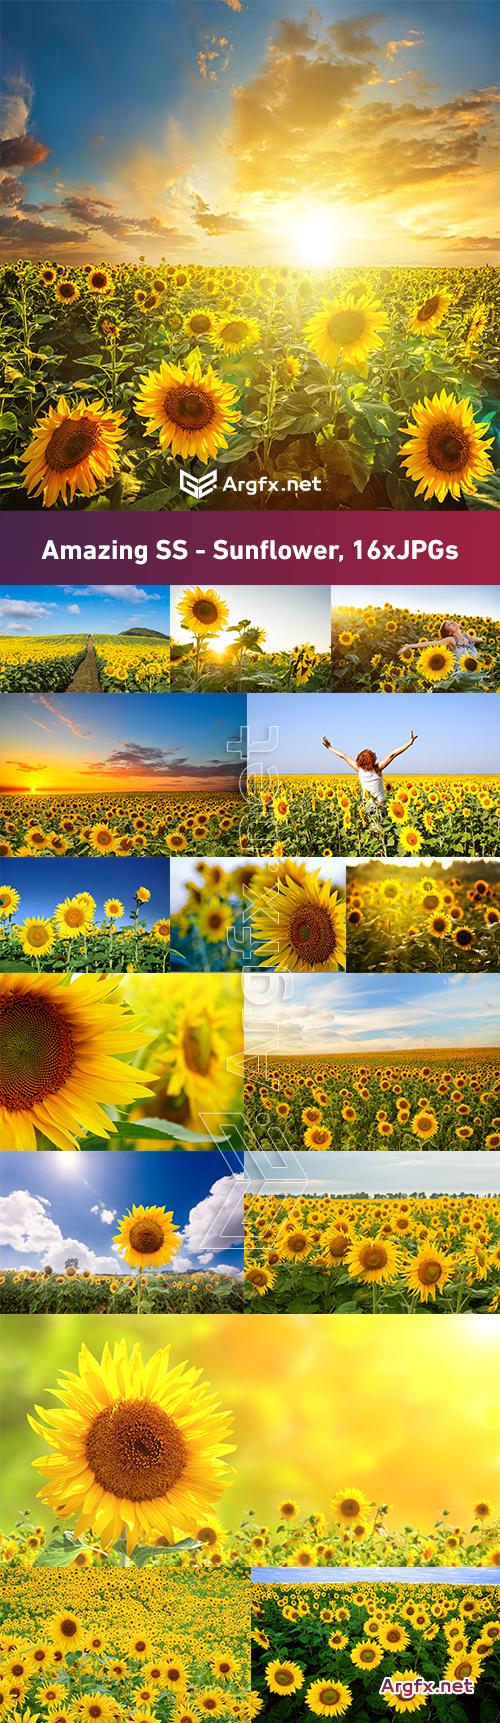 Amazing SS - Sunflower, 16xJPGs